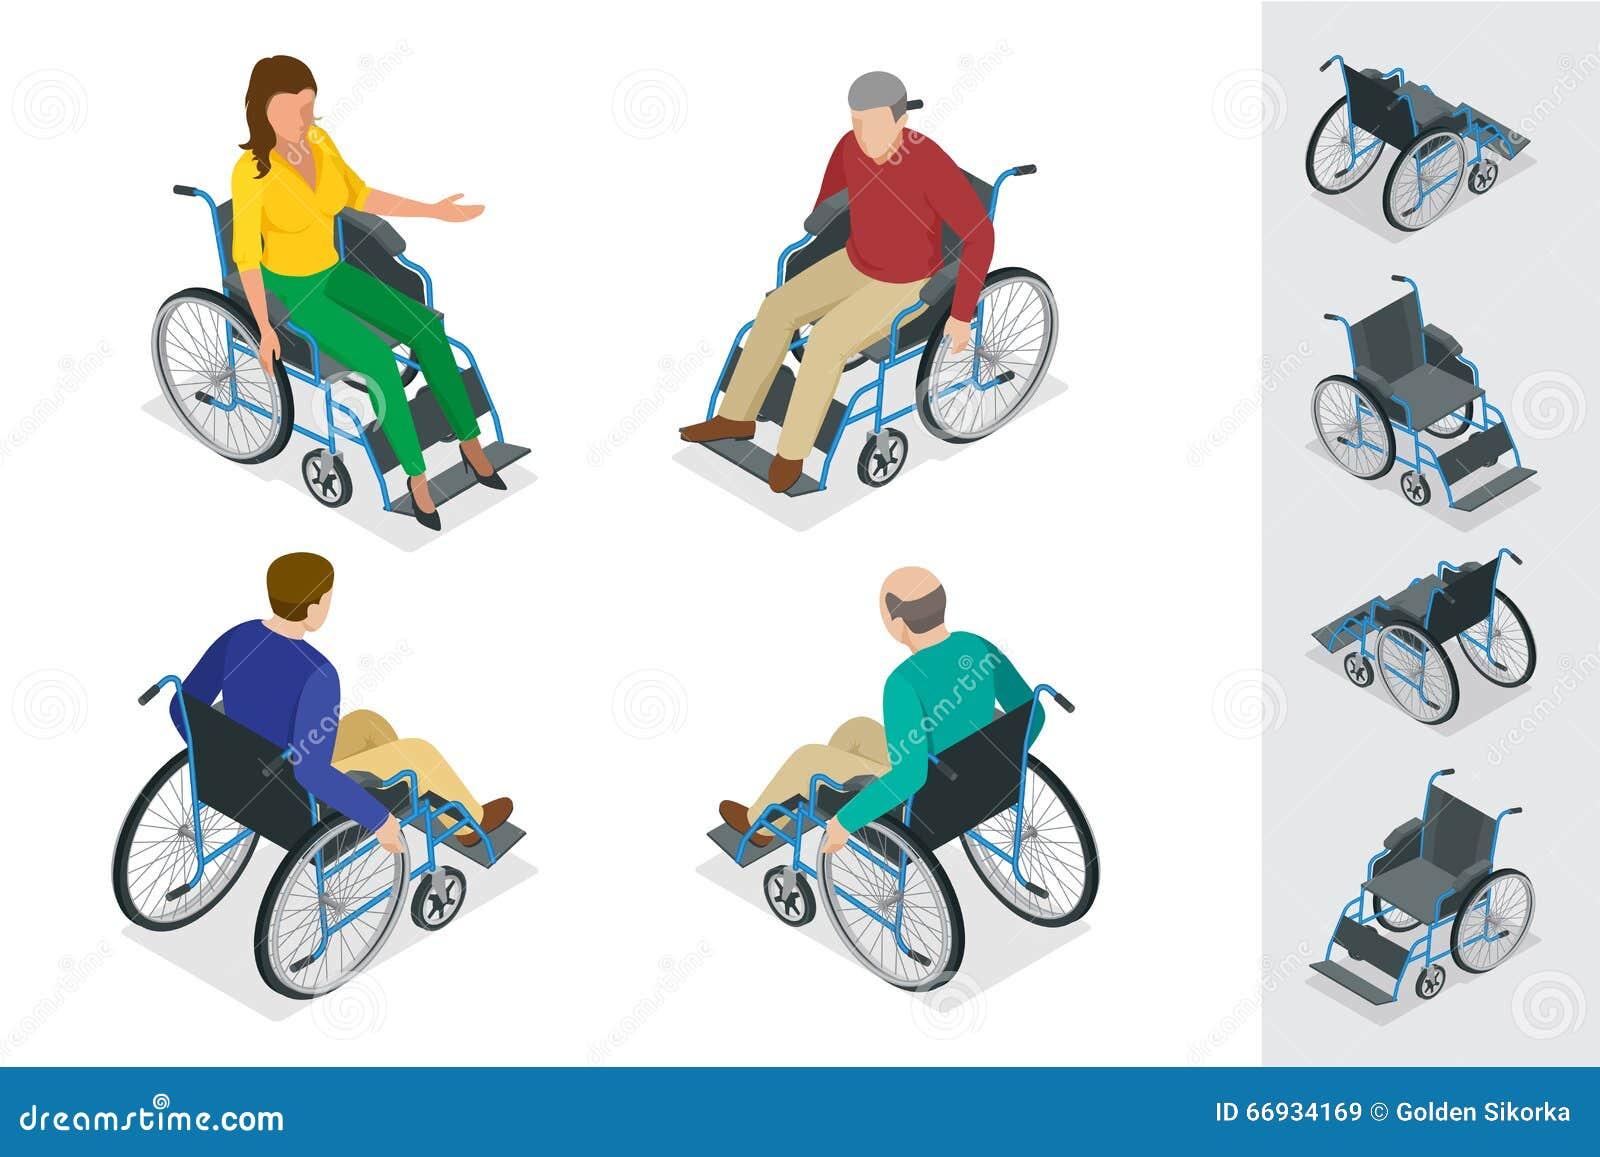 Wheelchair Uomo in sedia a rotelle Illustrazione isometrica piana di vettore 3d Giorno internazionale delle persone con